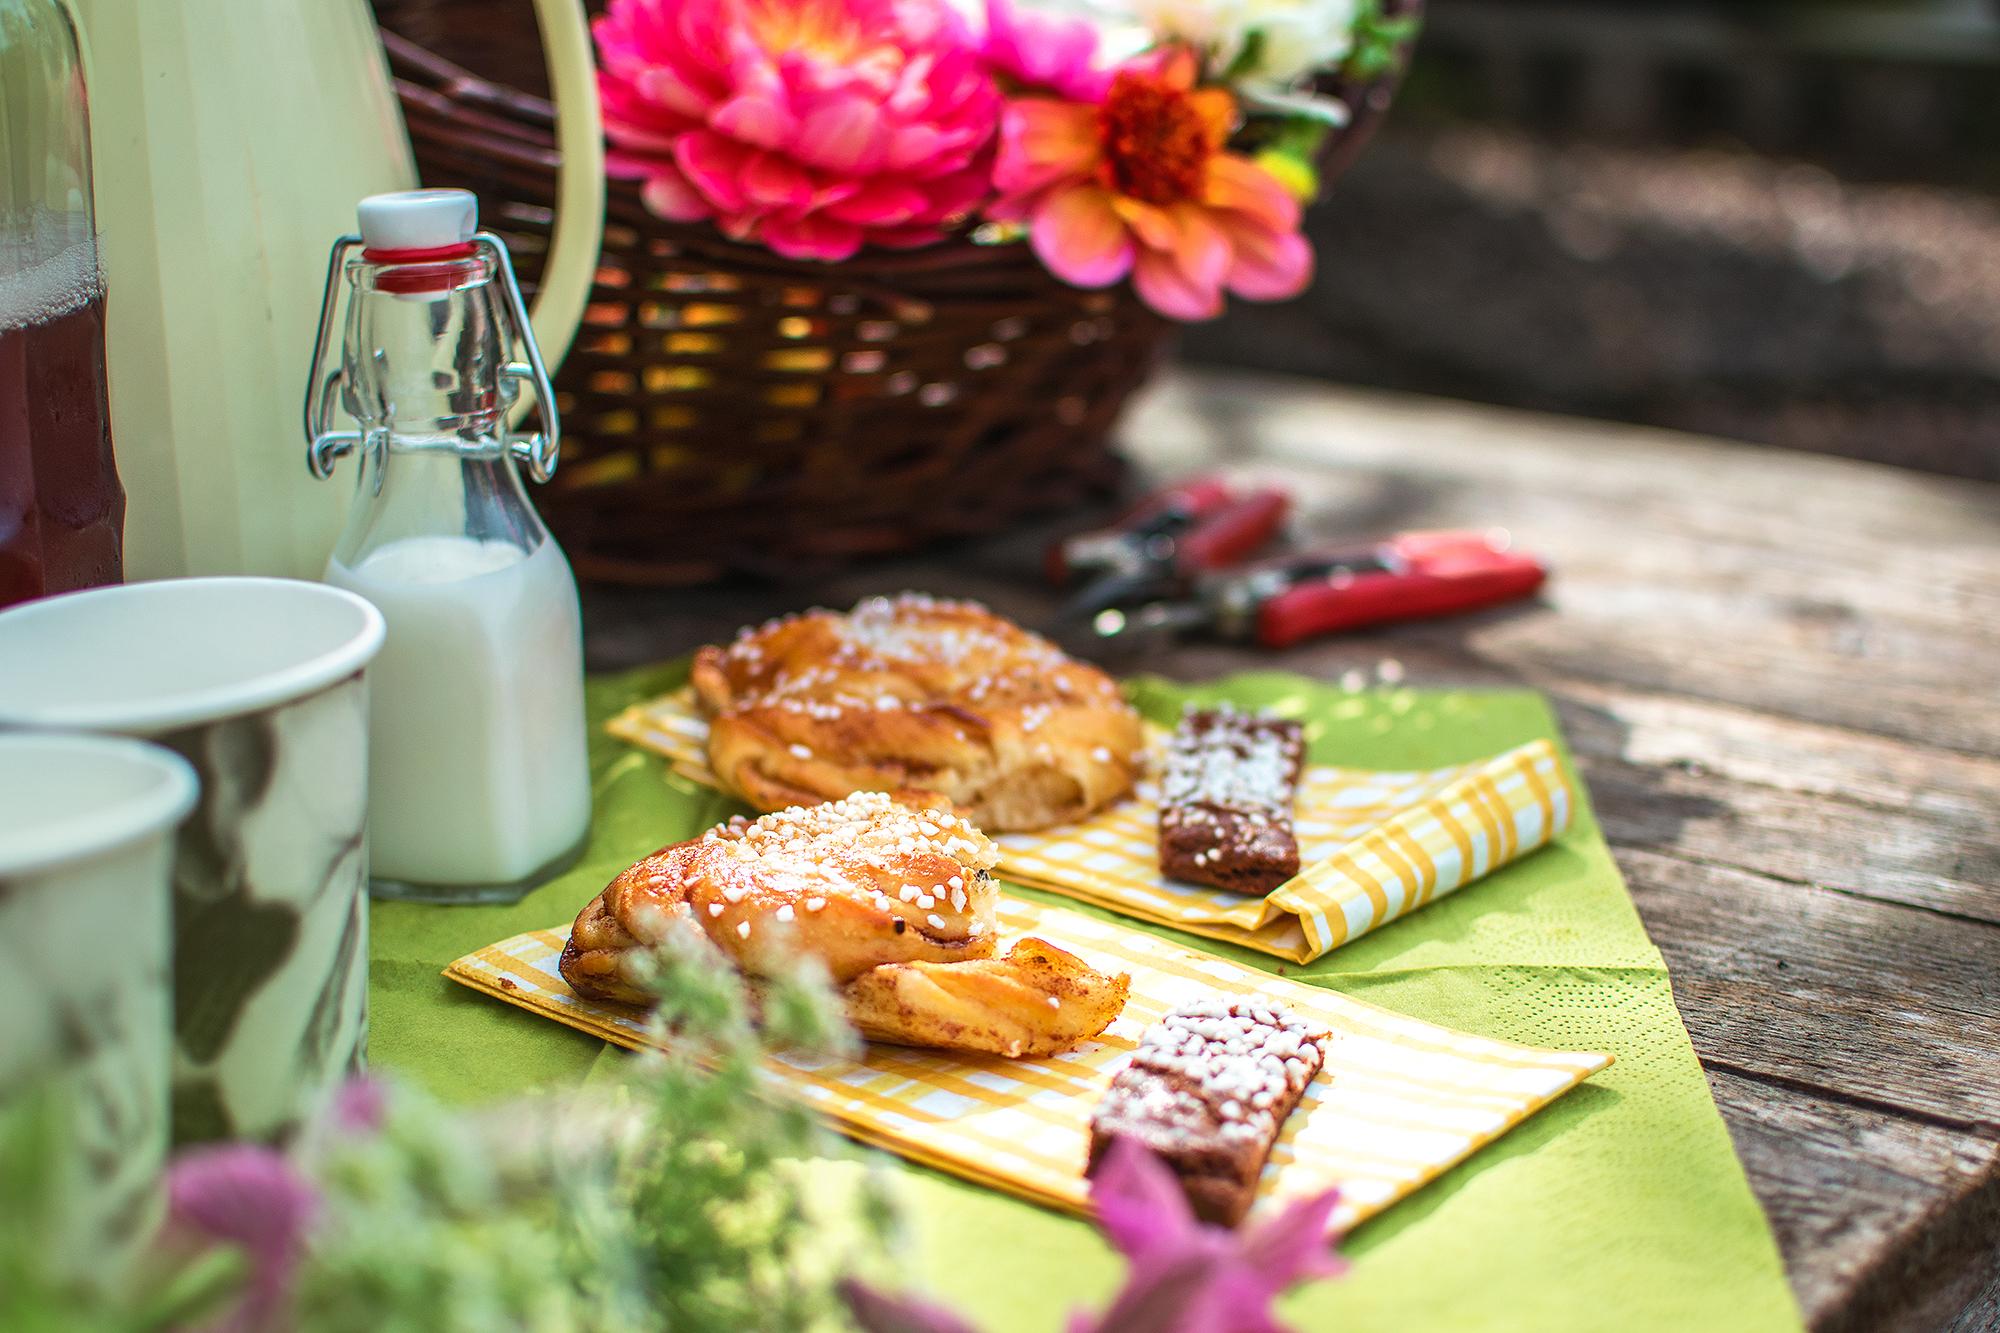 Boka en fikakorg i samband med er självplocksutflykt! - Vi erbjuder fikakorg till besökare som vill fika i samband med att plocka blommor hos oss. Fikabrödet är bakat hos hantverksbageriet Café Mandeltårtan i Ronneby.